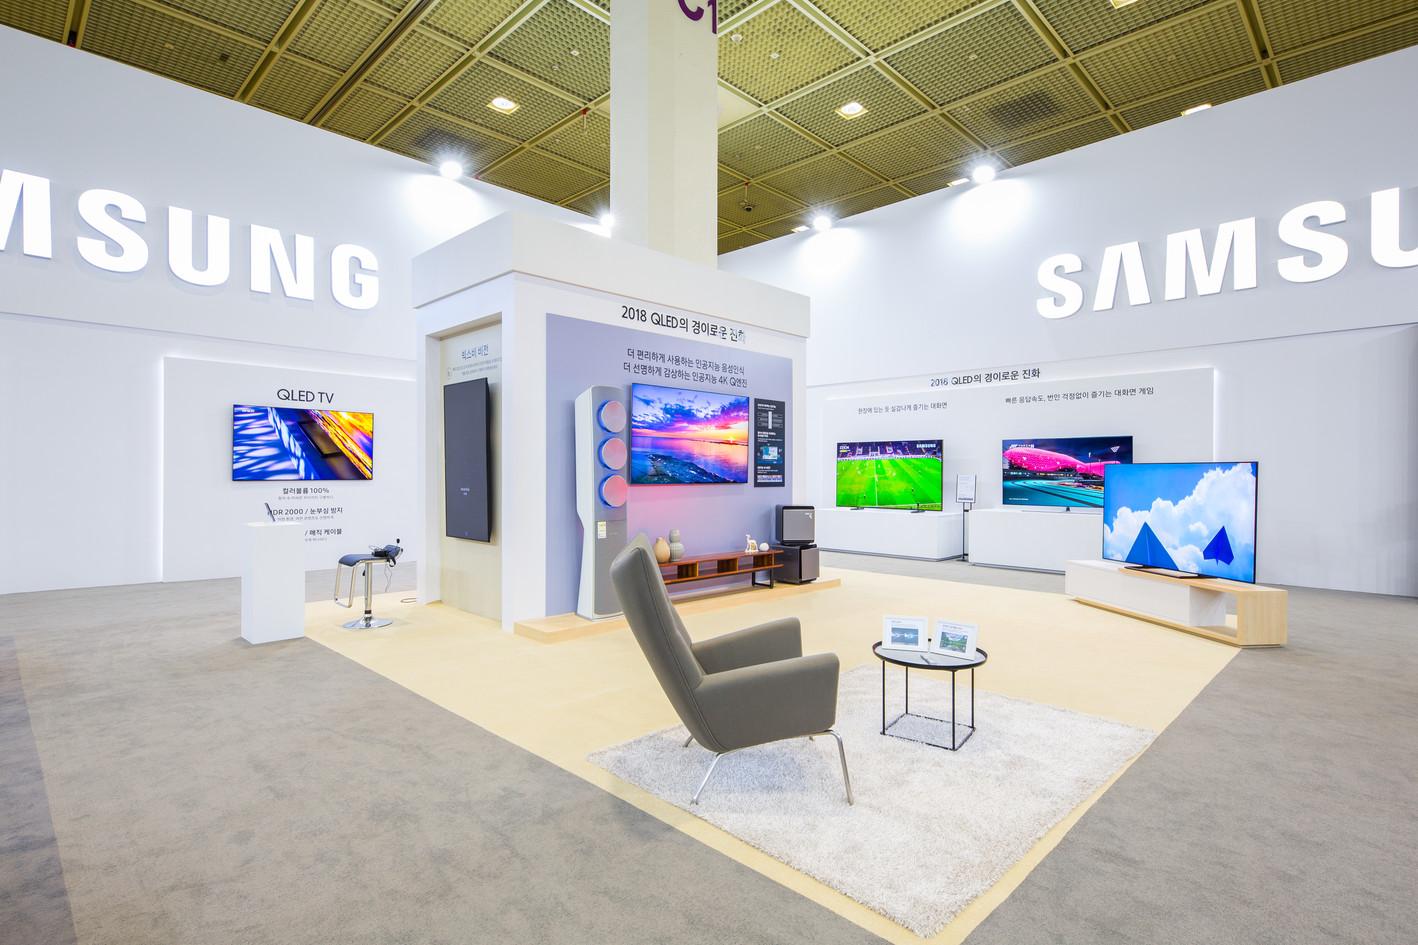 2018 World IT Show SAMSUNG